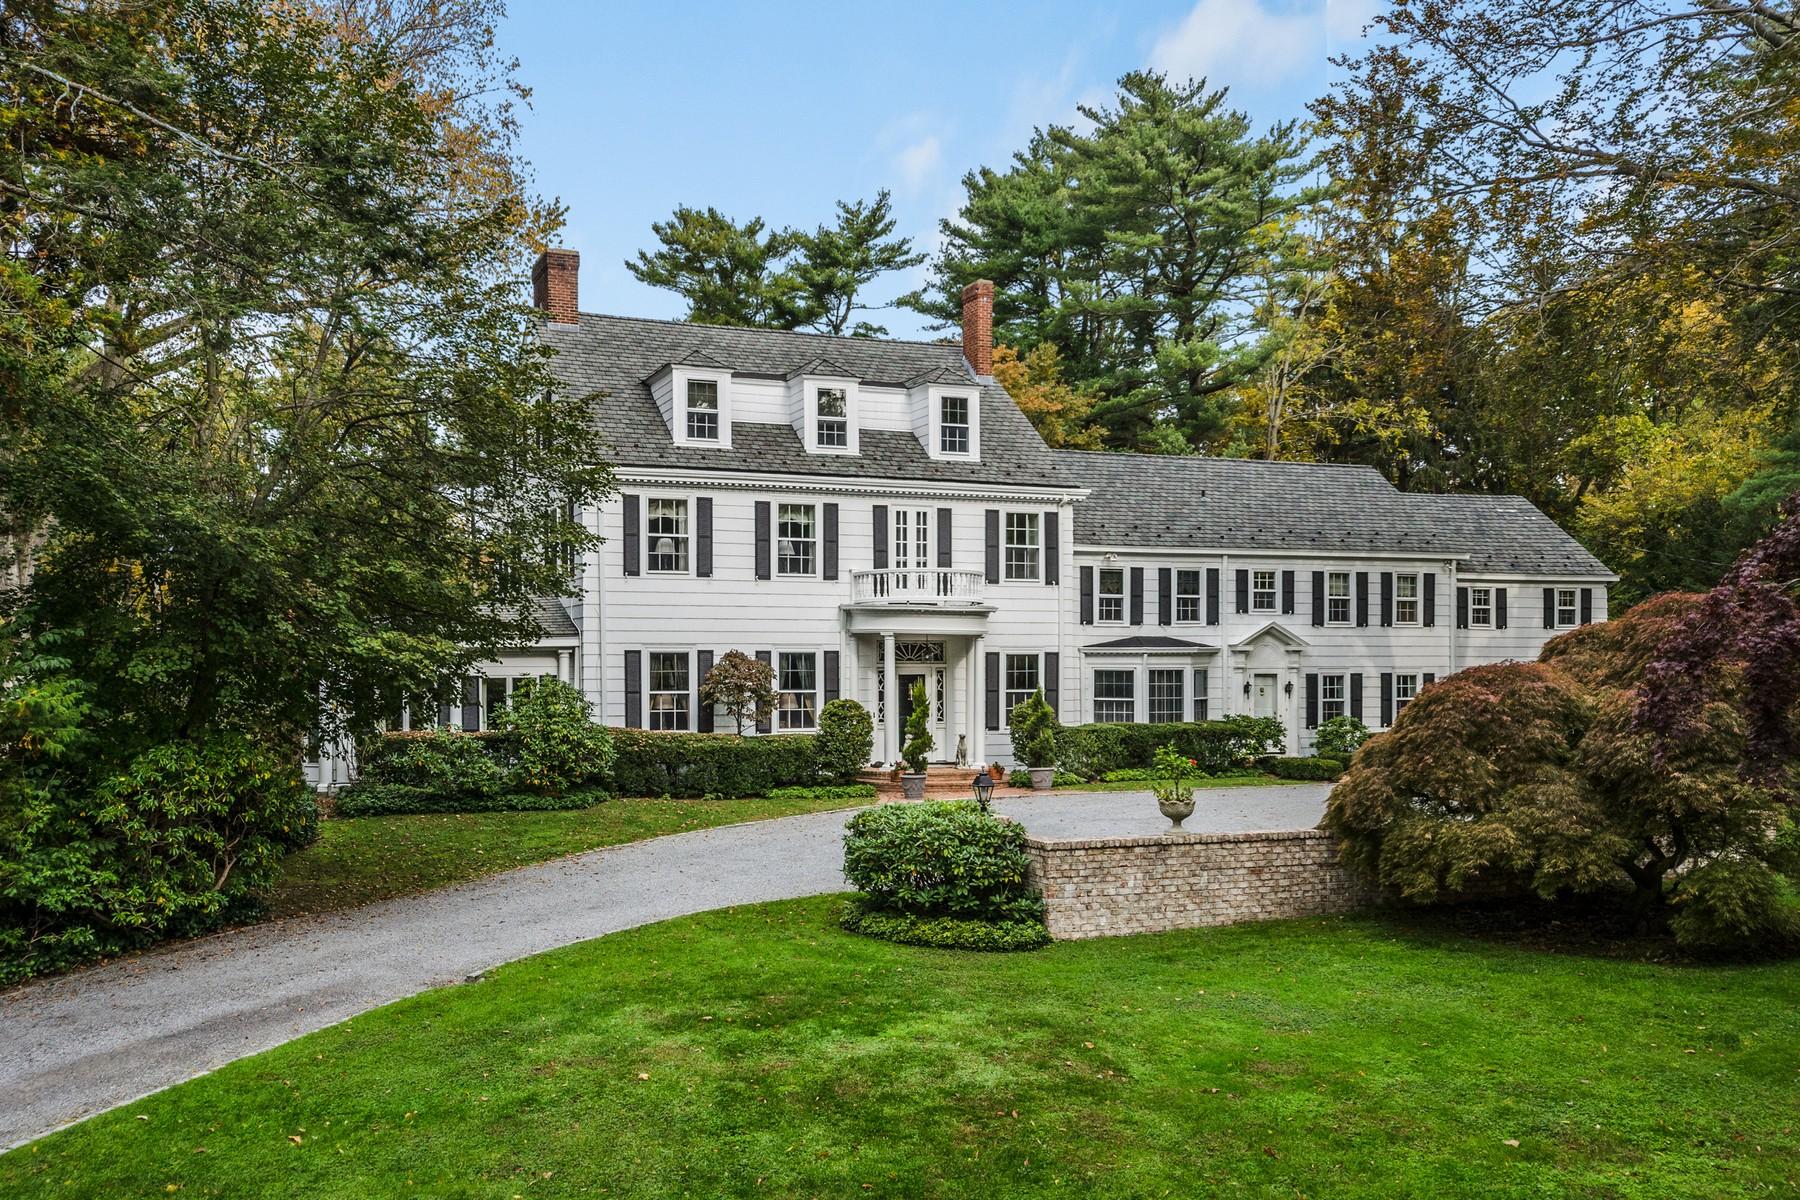 独户住宅 为 销售 在 Estate 布鲁克维尔, 纽约州, 11771 美国